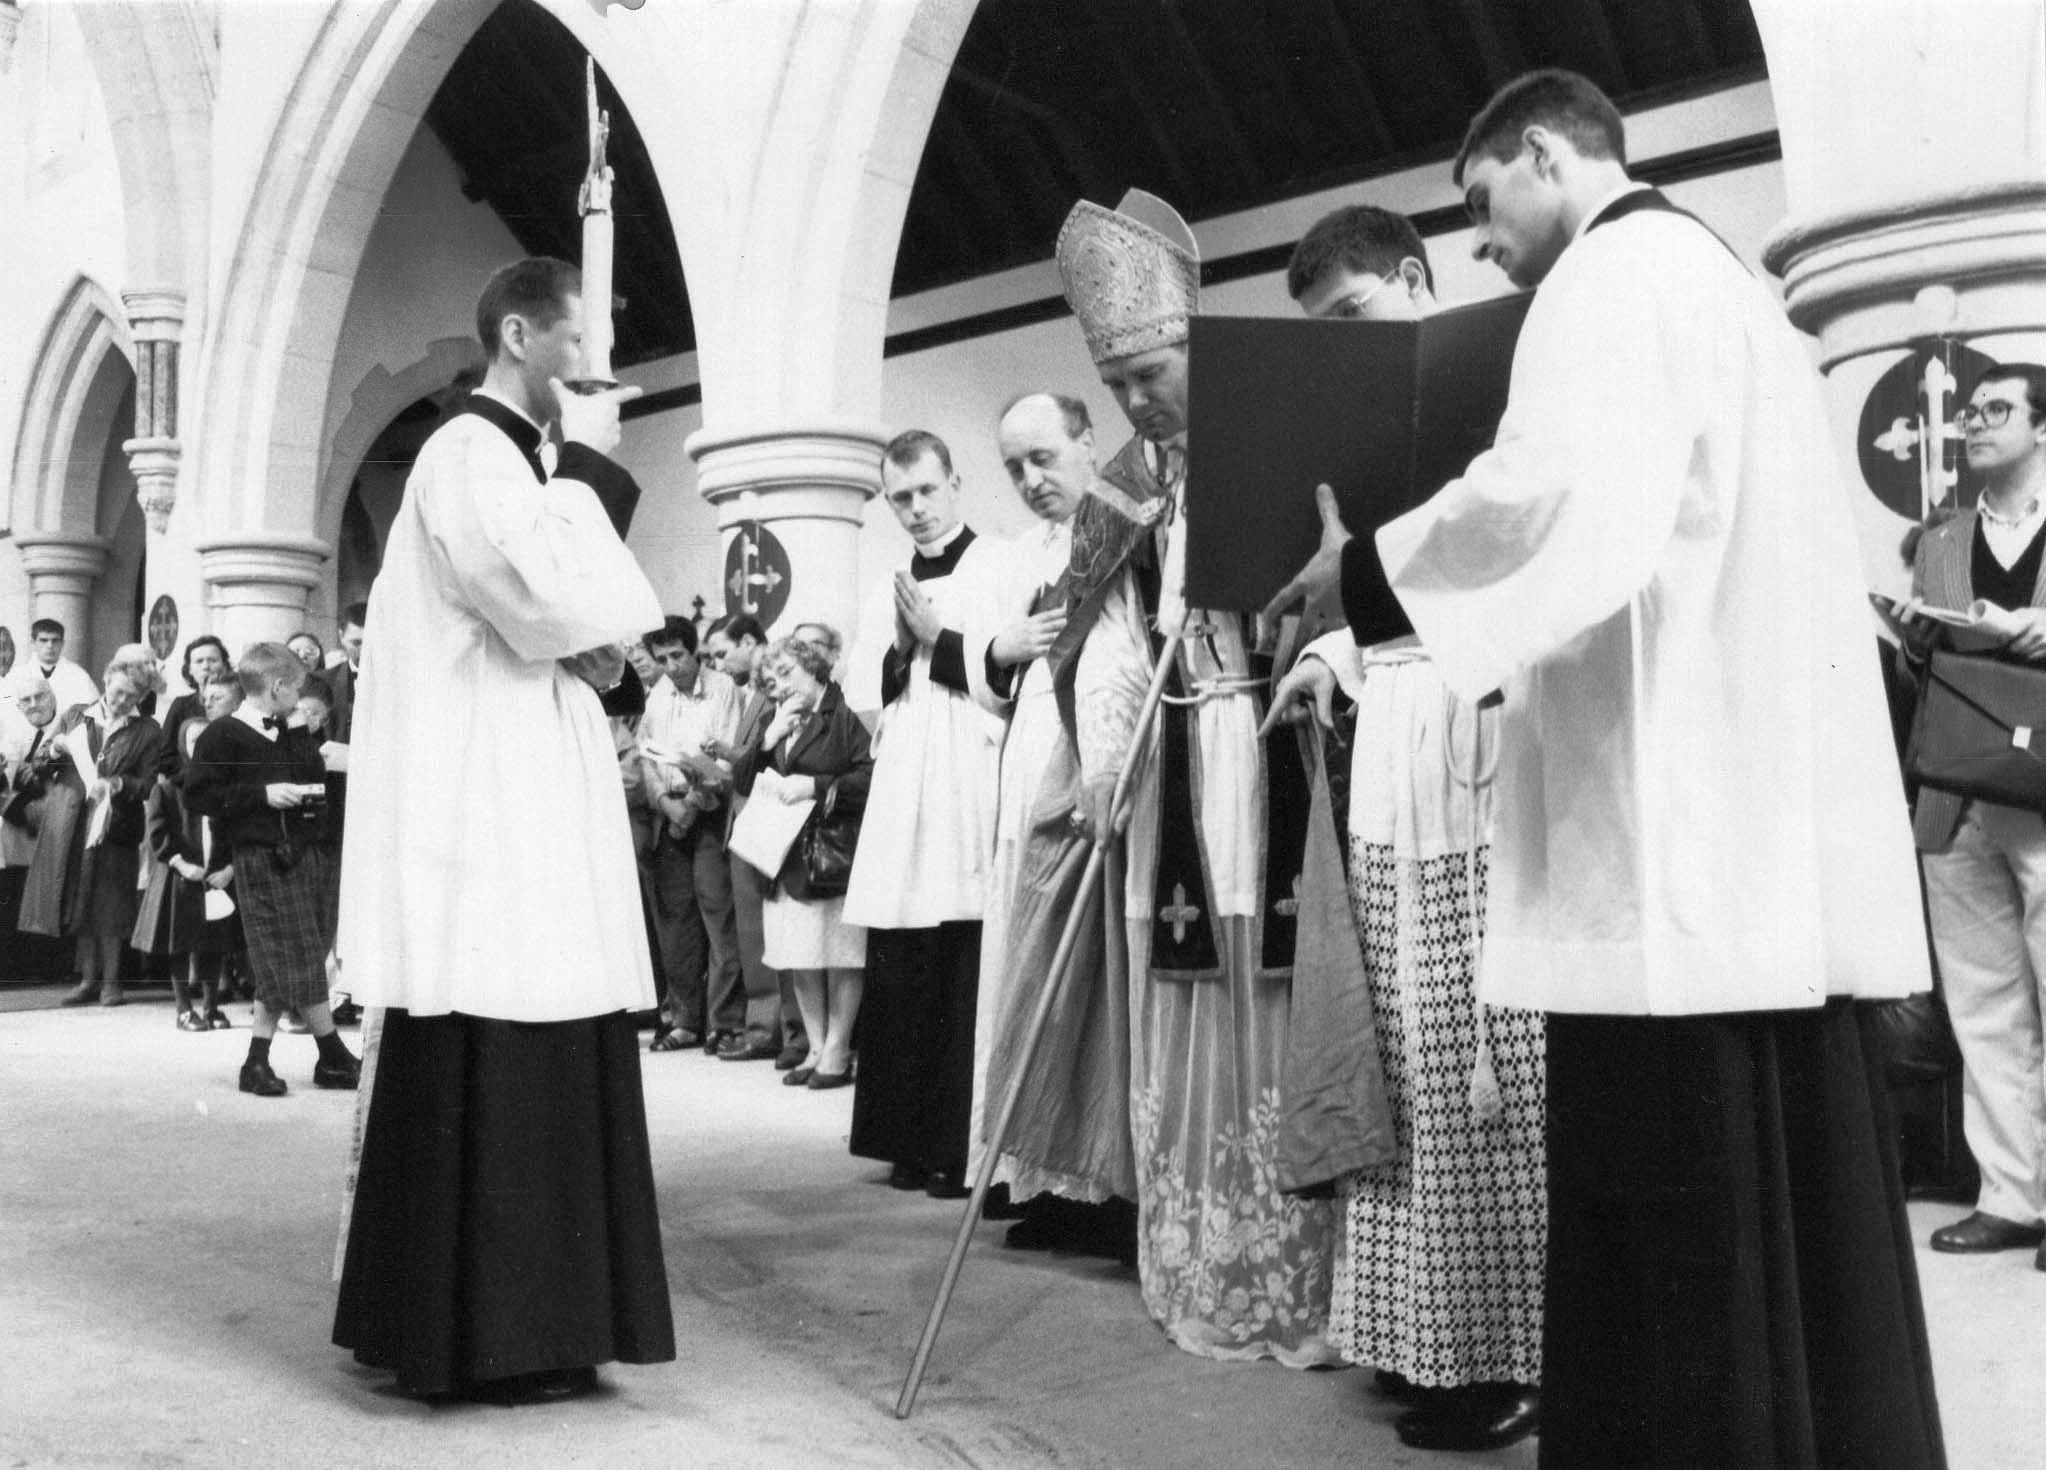 consécration de l'église. Mgr Fellay trace l'alphabet en Grec et en Latin sur le sol de l'église.